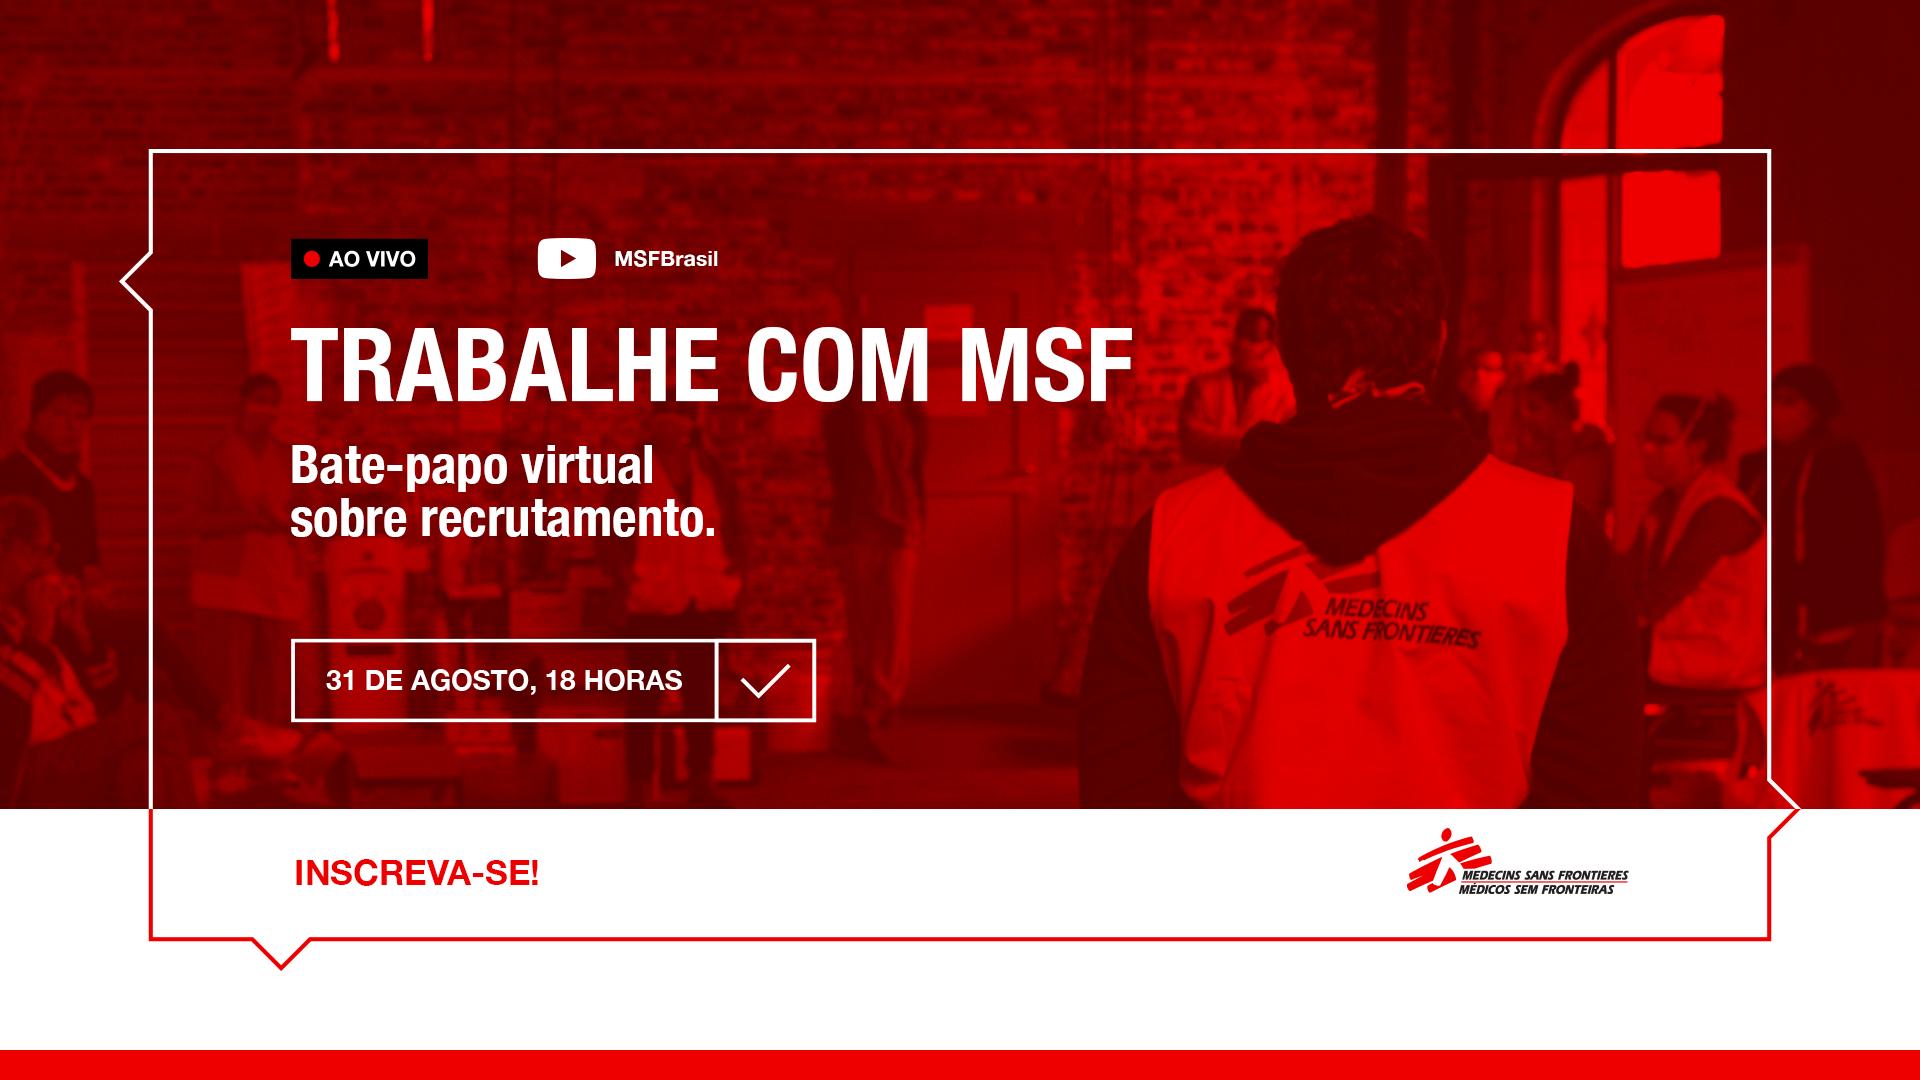 Trabalhe com MSF: bate-papo virtual sobre recrutamento